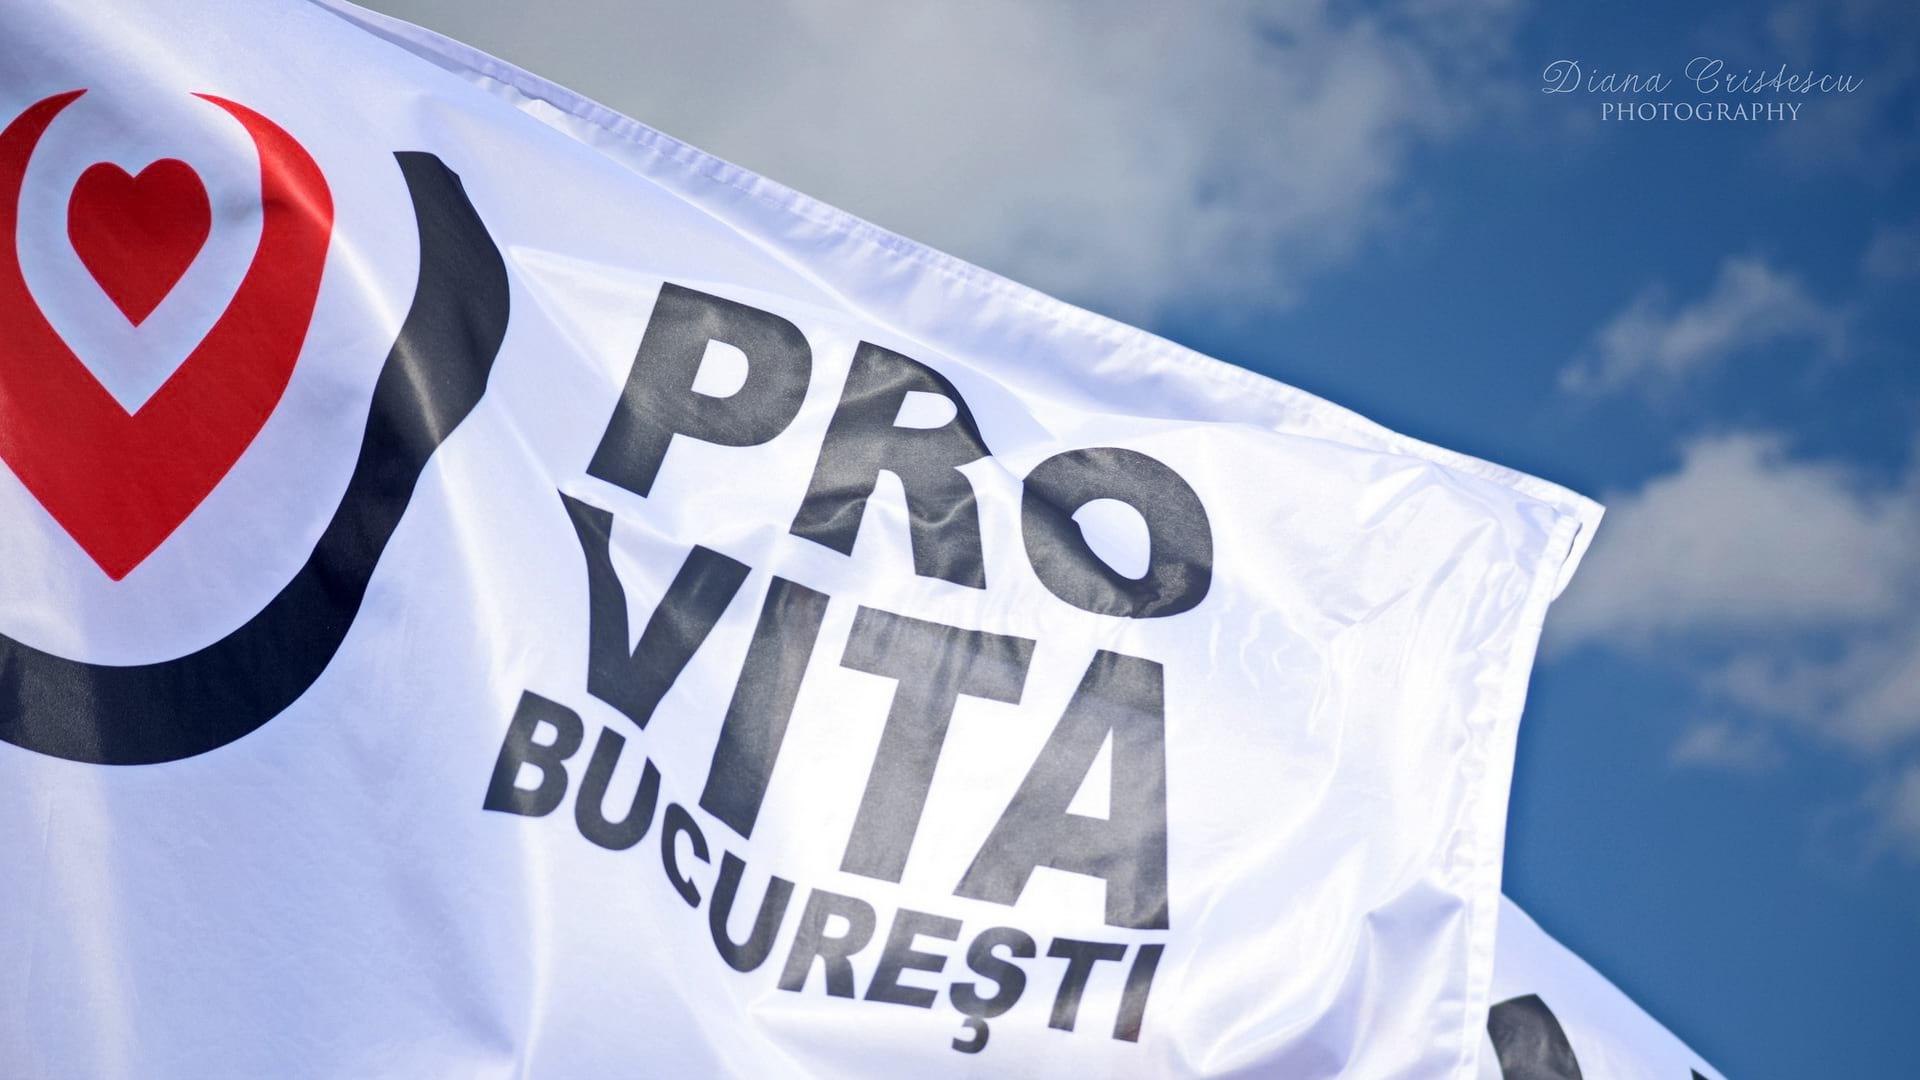 PRO VITA București